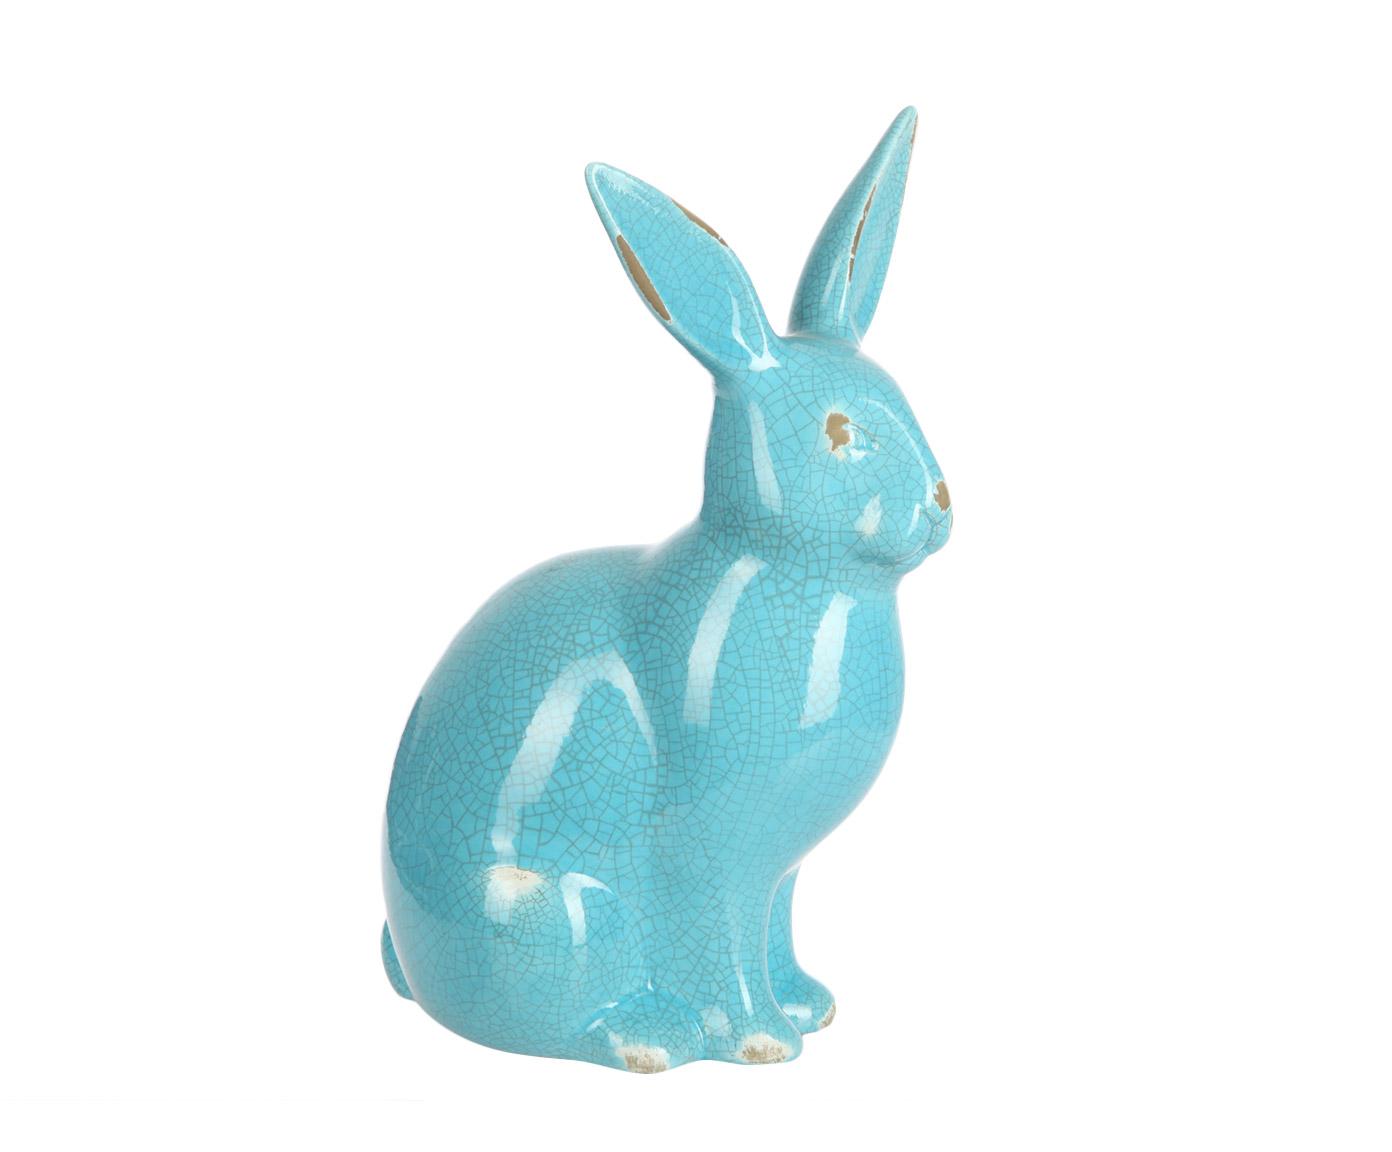 Предмет декораСтатуэтки<br>Милый декоративный винтажный кролик из керамики. Глянцевая голубая глазуровка с искусственными повреждениями и эффектом кракле создает впечатление того, что этот предмет декора передается в вашей семье из поколения в поколение, и когда-то им любовался еще ваш прадедушка.<br><br>Material: Керамика<br>Ширина см: 20<br>Высота см: 38